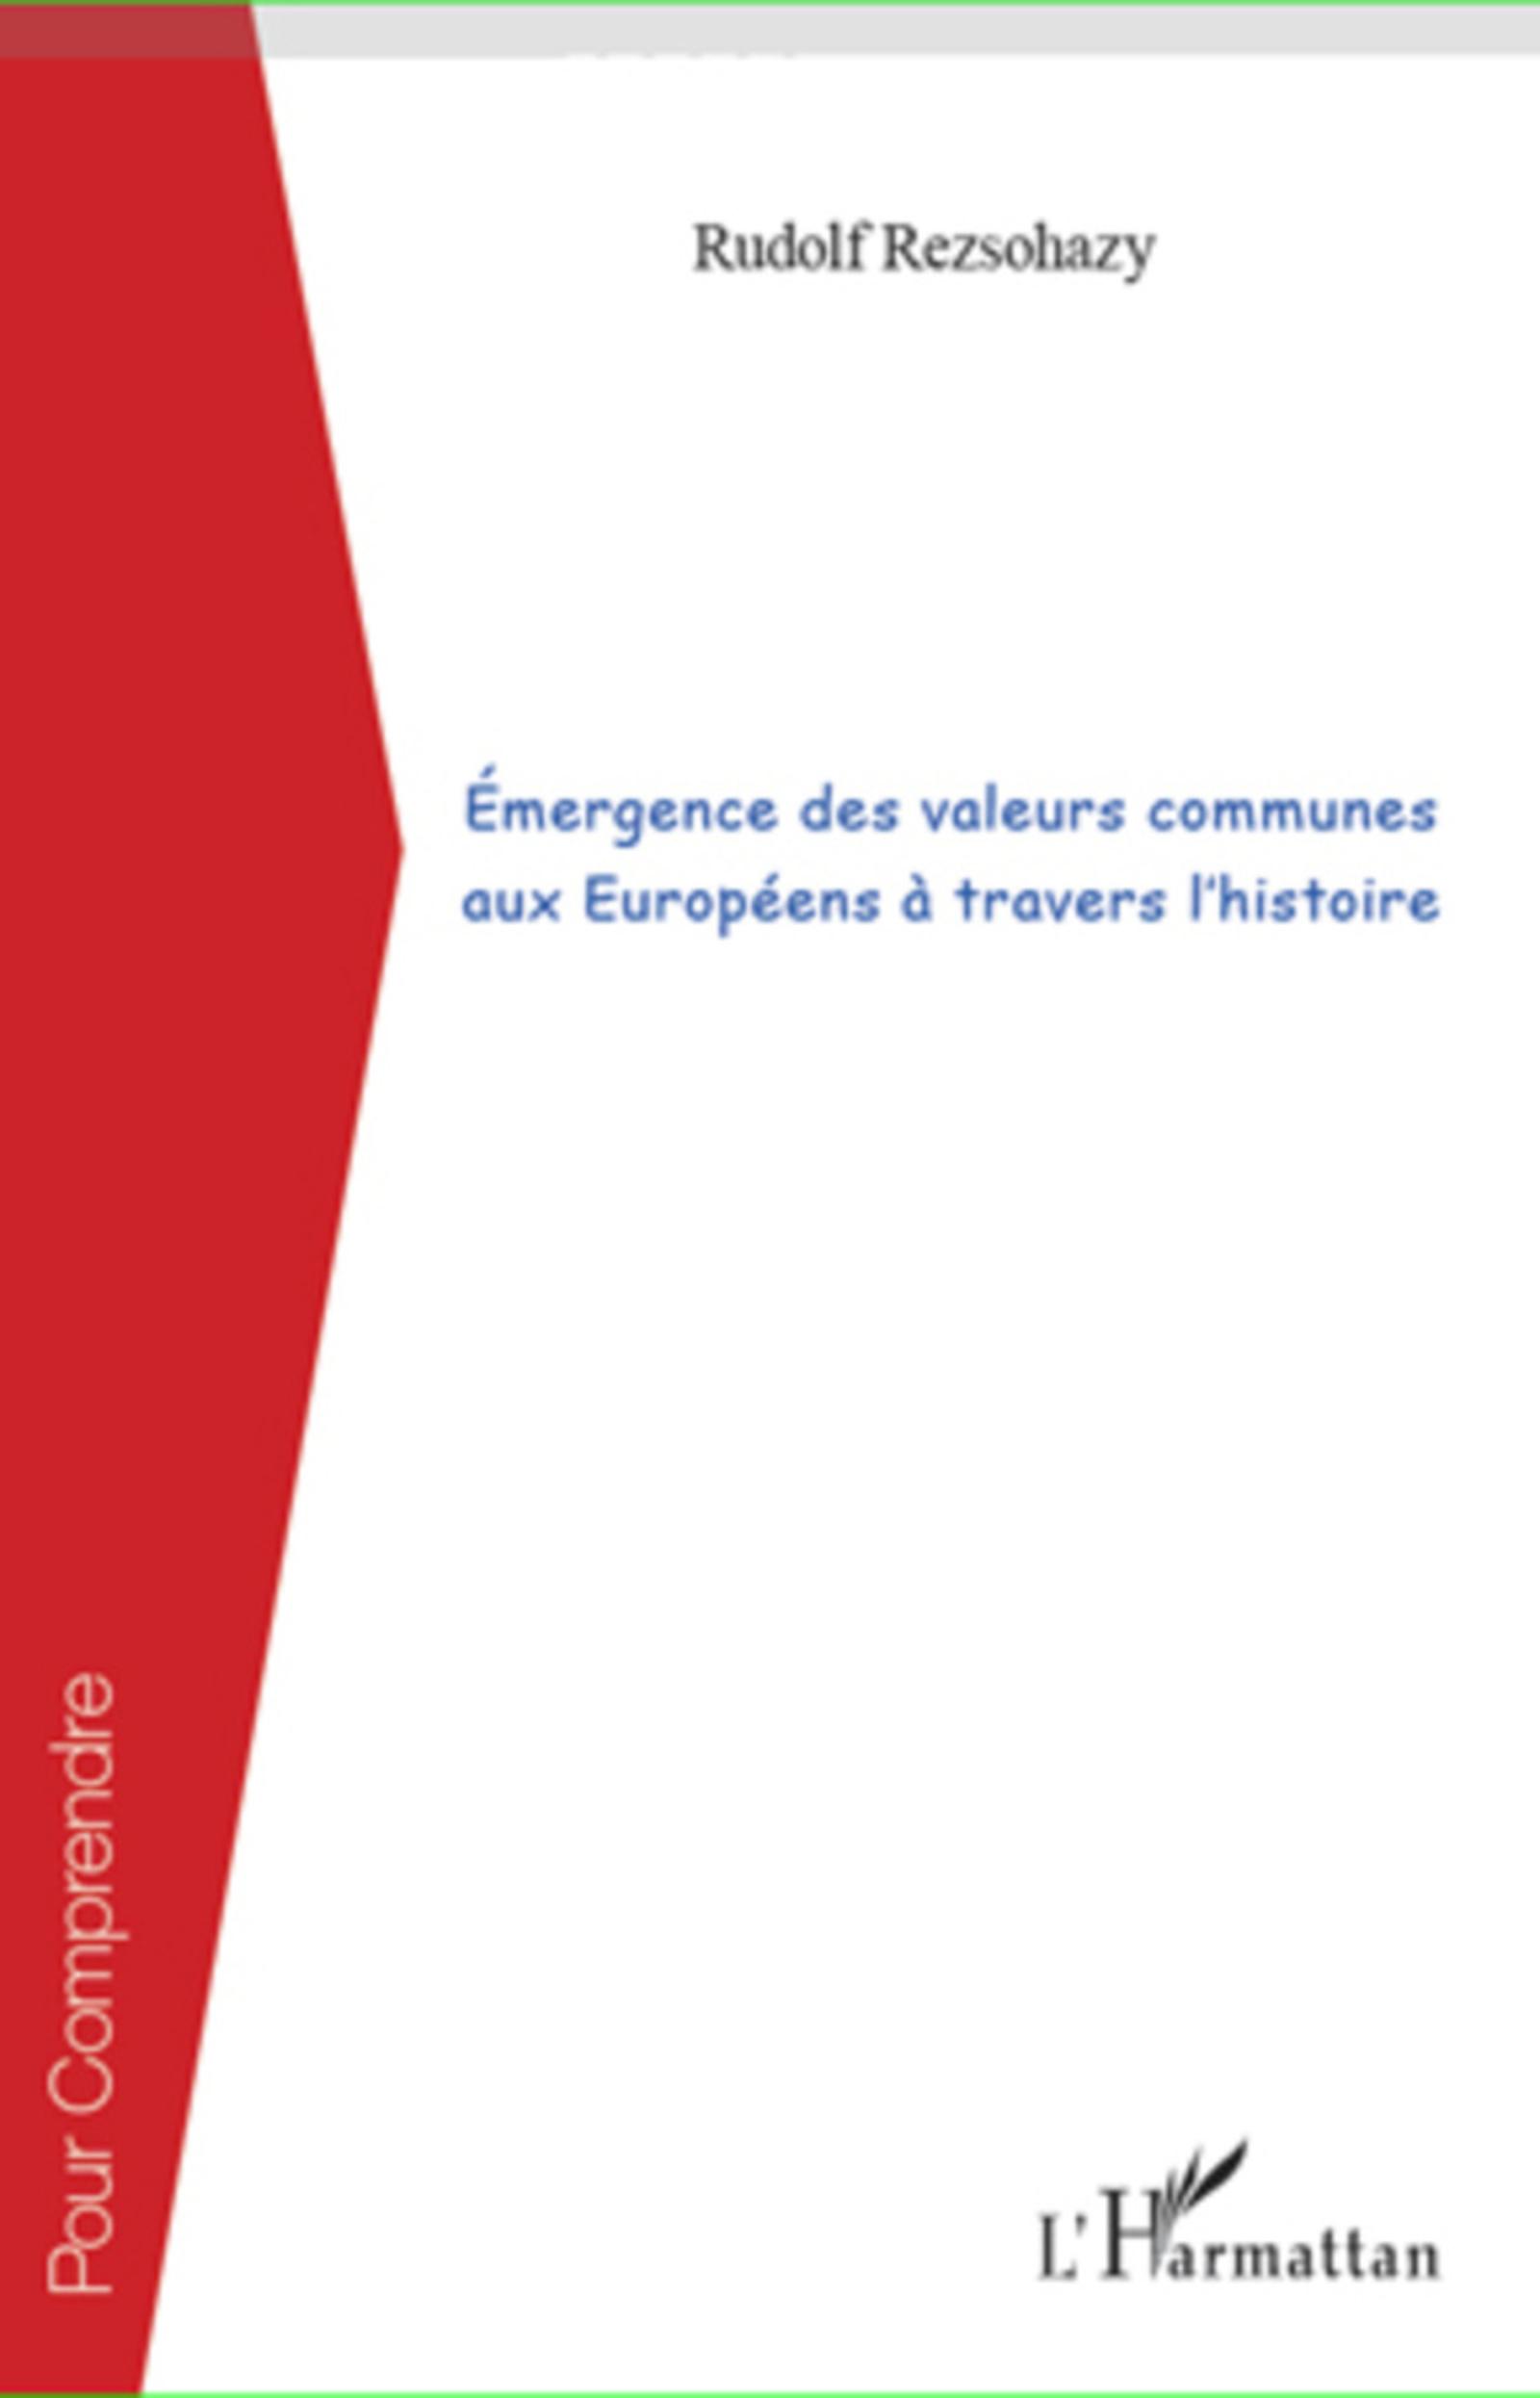 pdf science vol 309 no